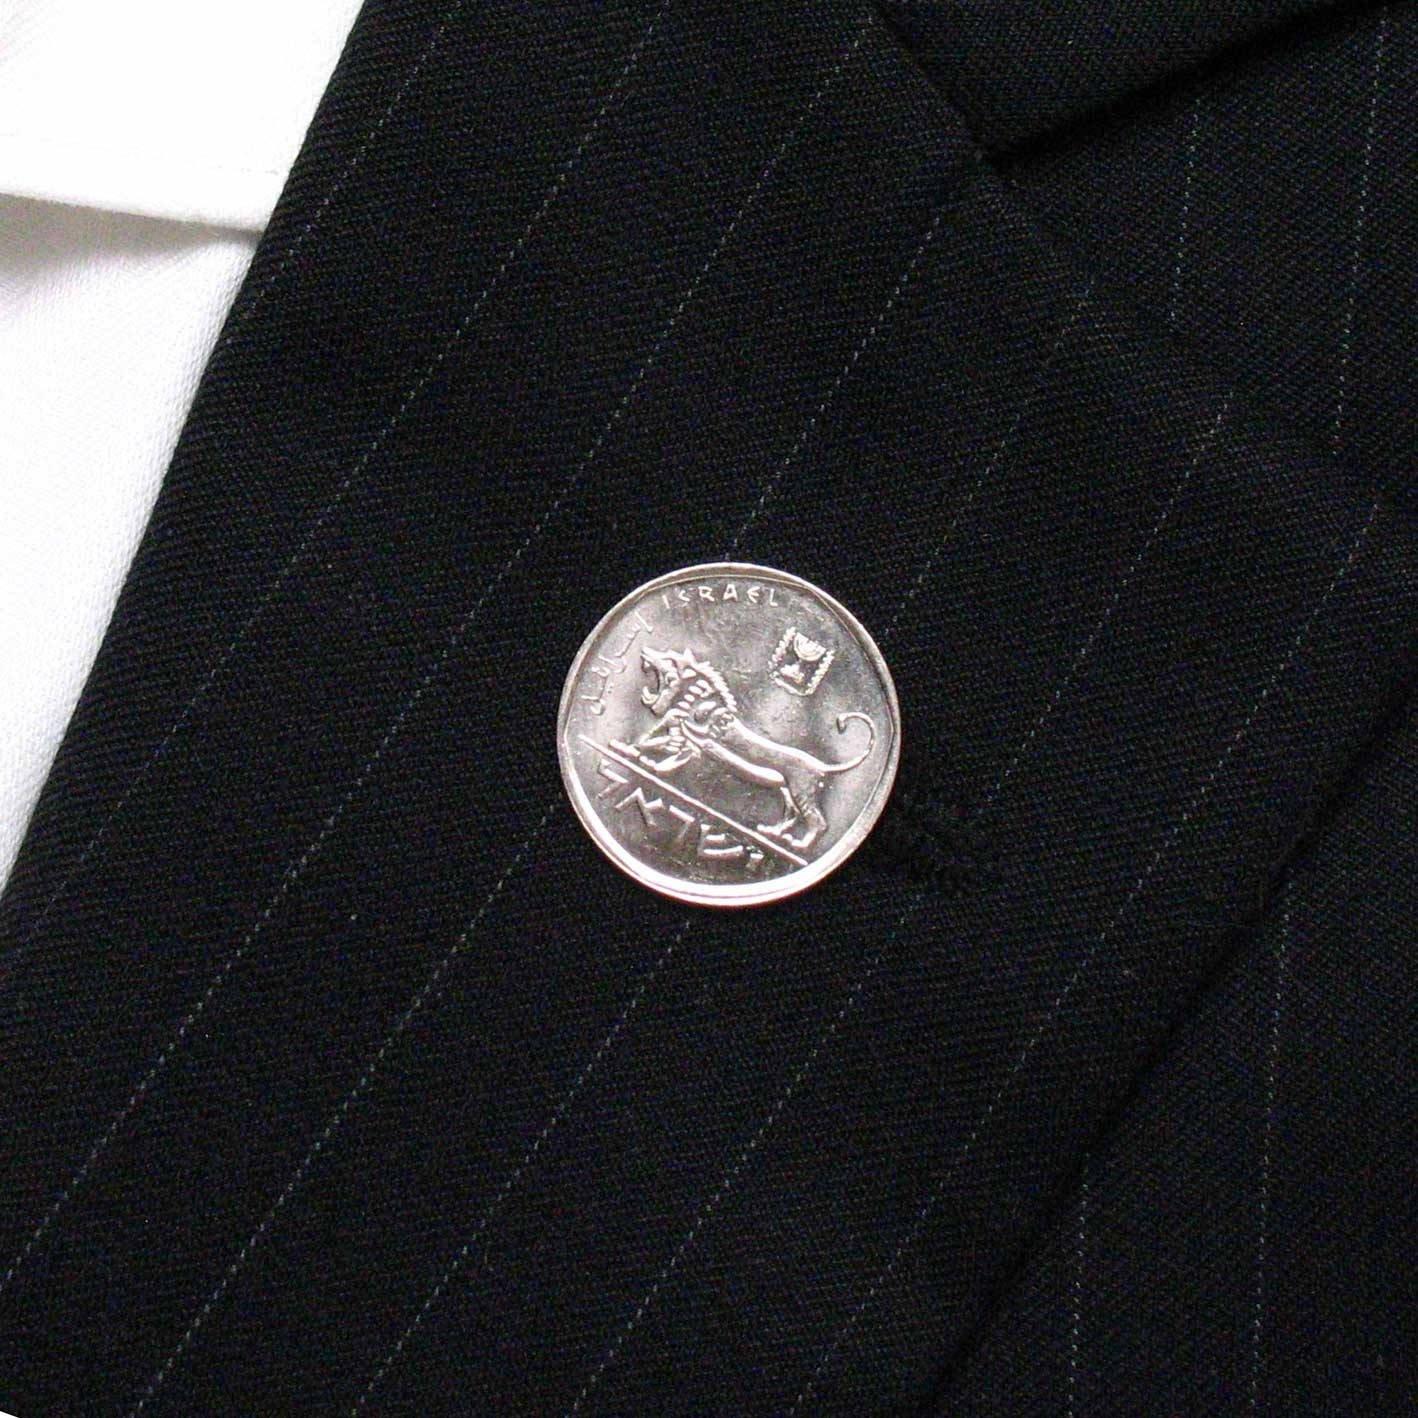 Israel moneda Tie Tack Pin de solapa traje bandera israelí judío ...